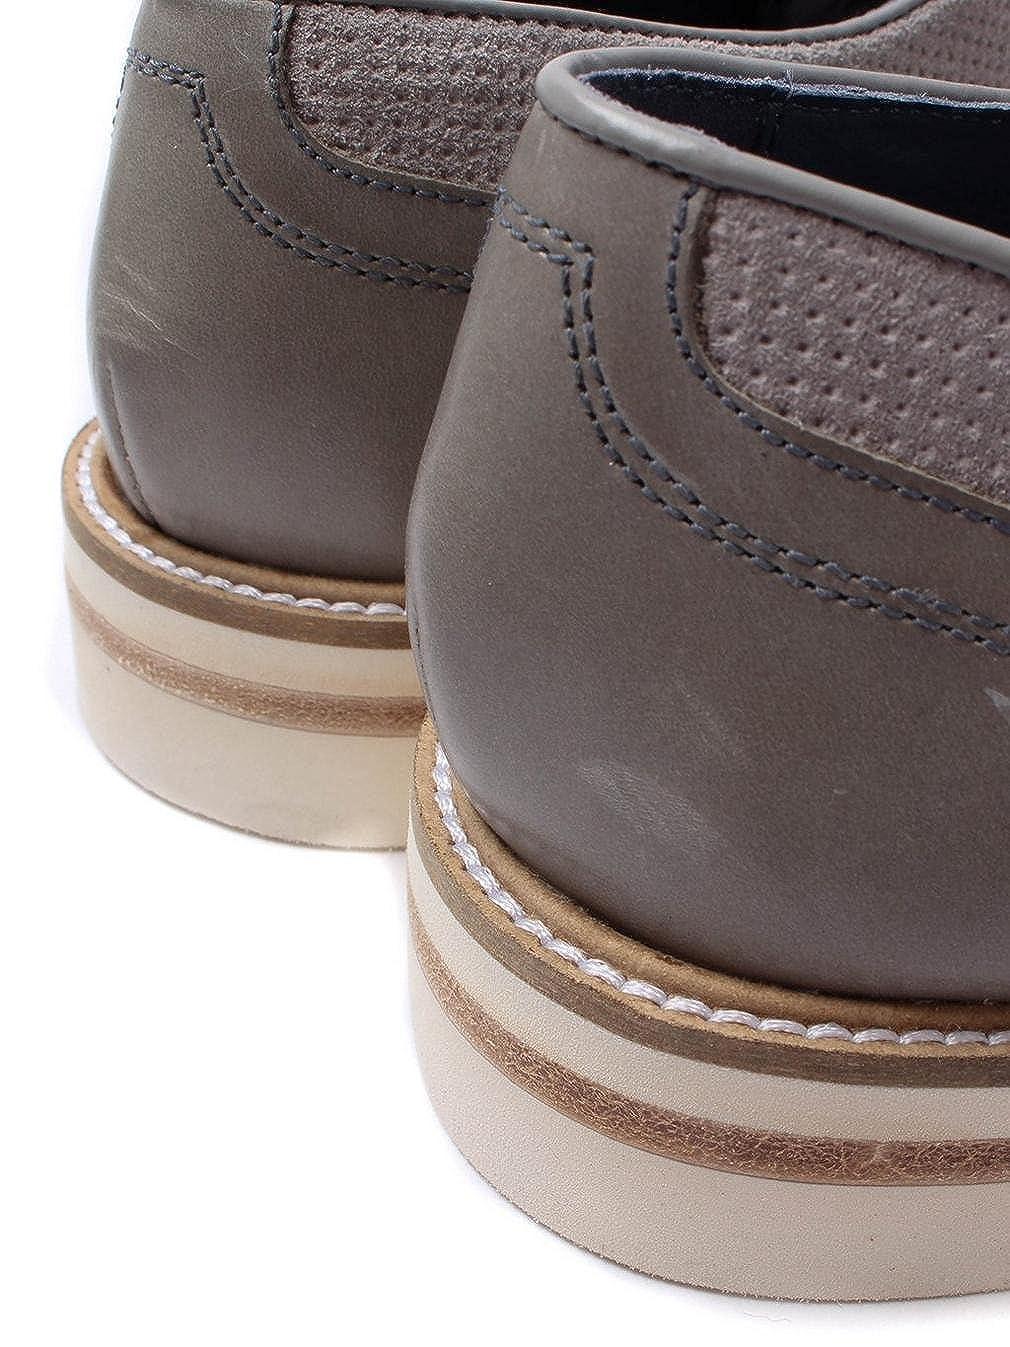 Ted Baker Herren Perforated Light Grau Siablo Perforated Herren Wildleder Schuhe Light Grau 6daf2d